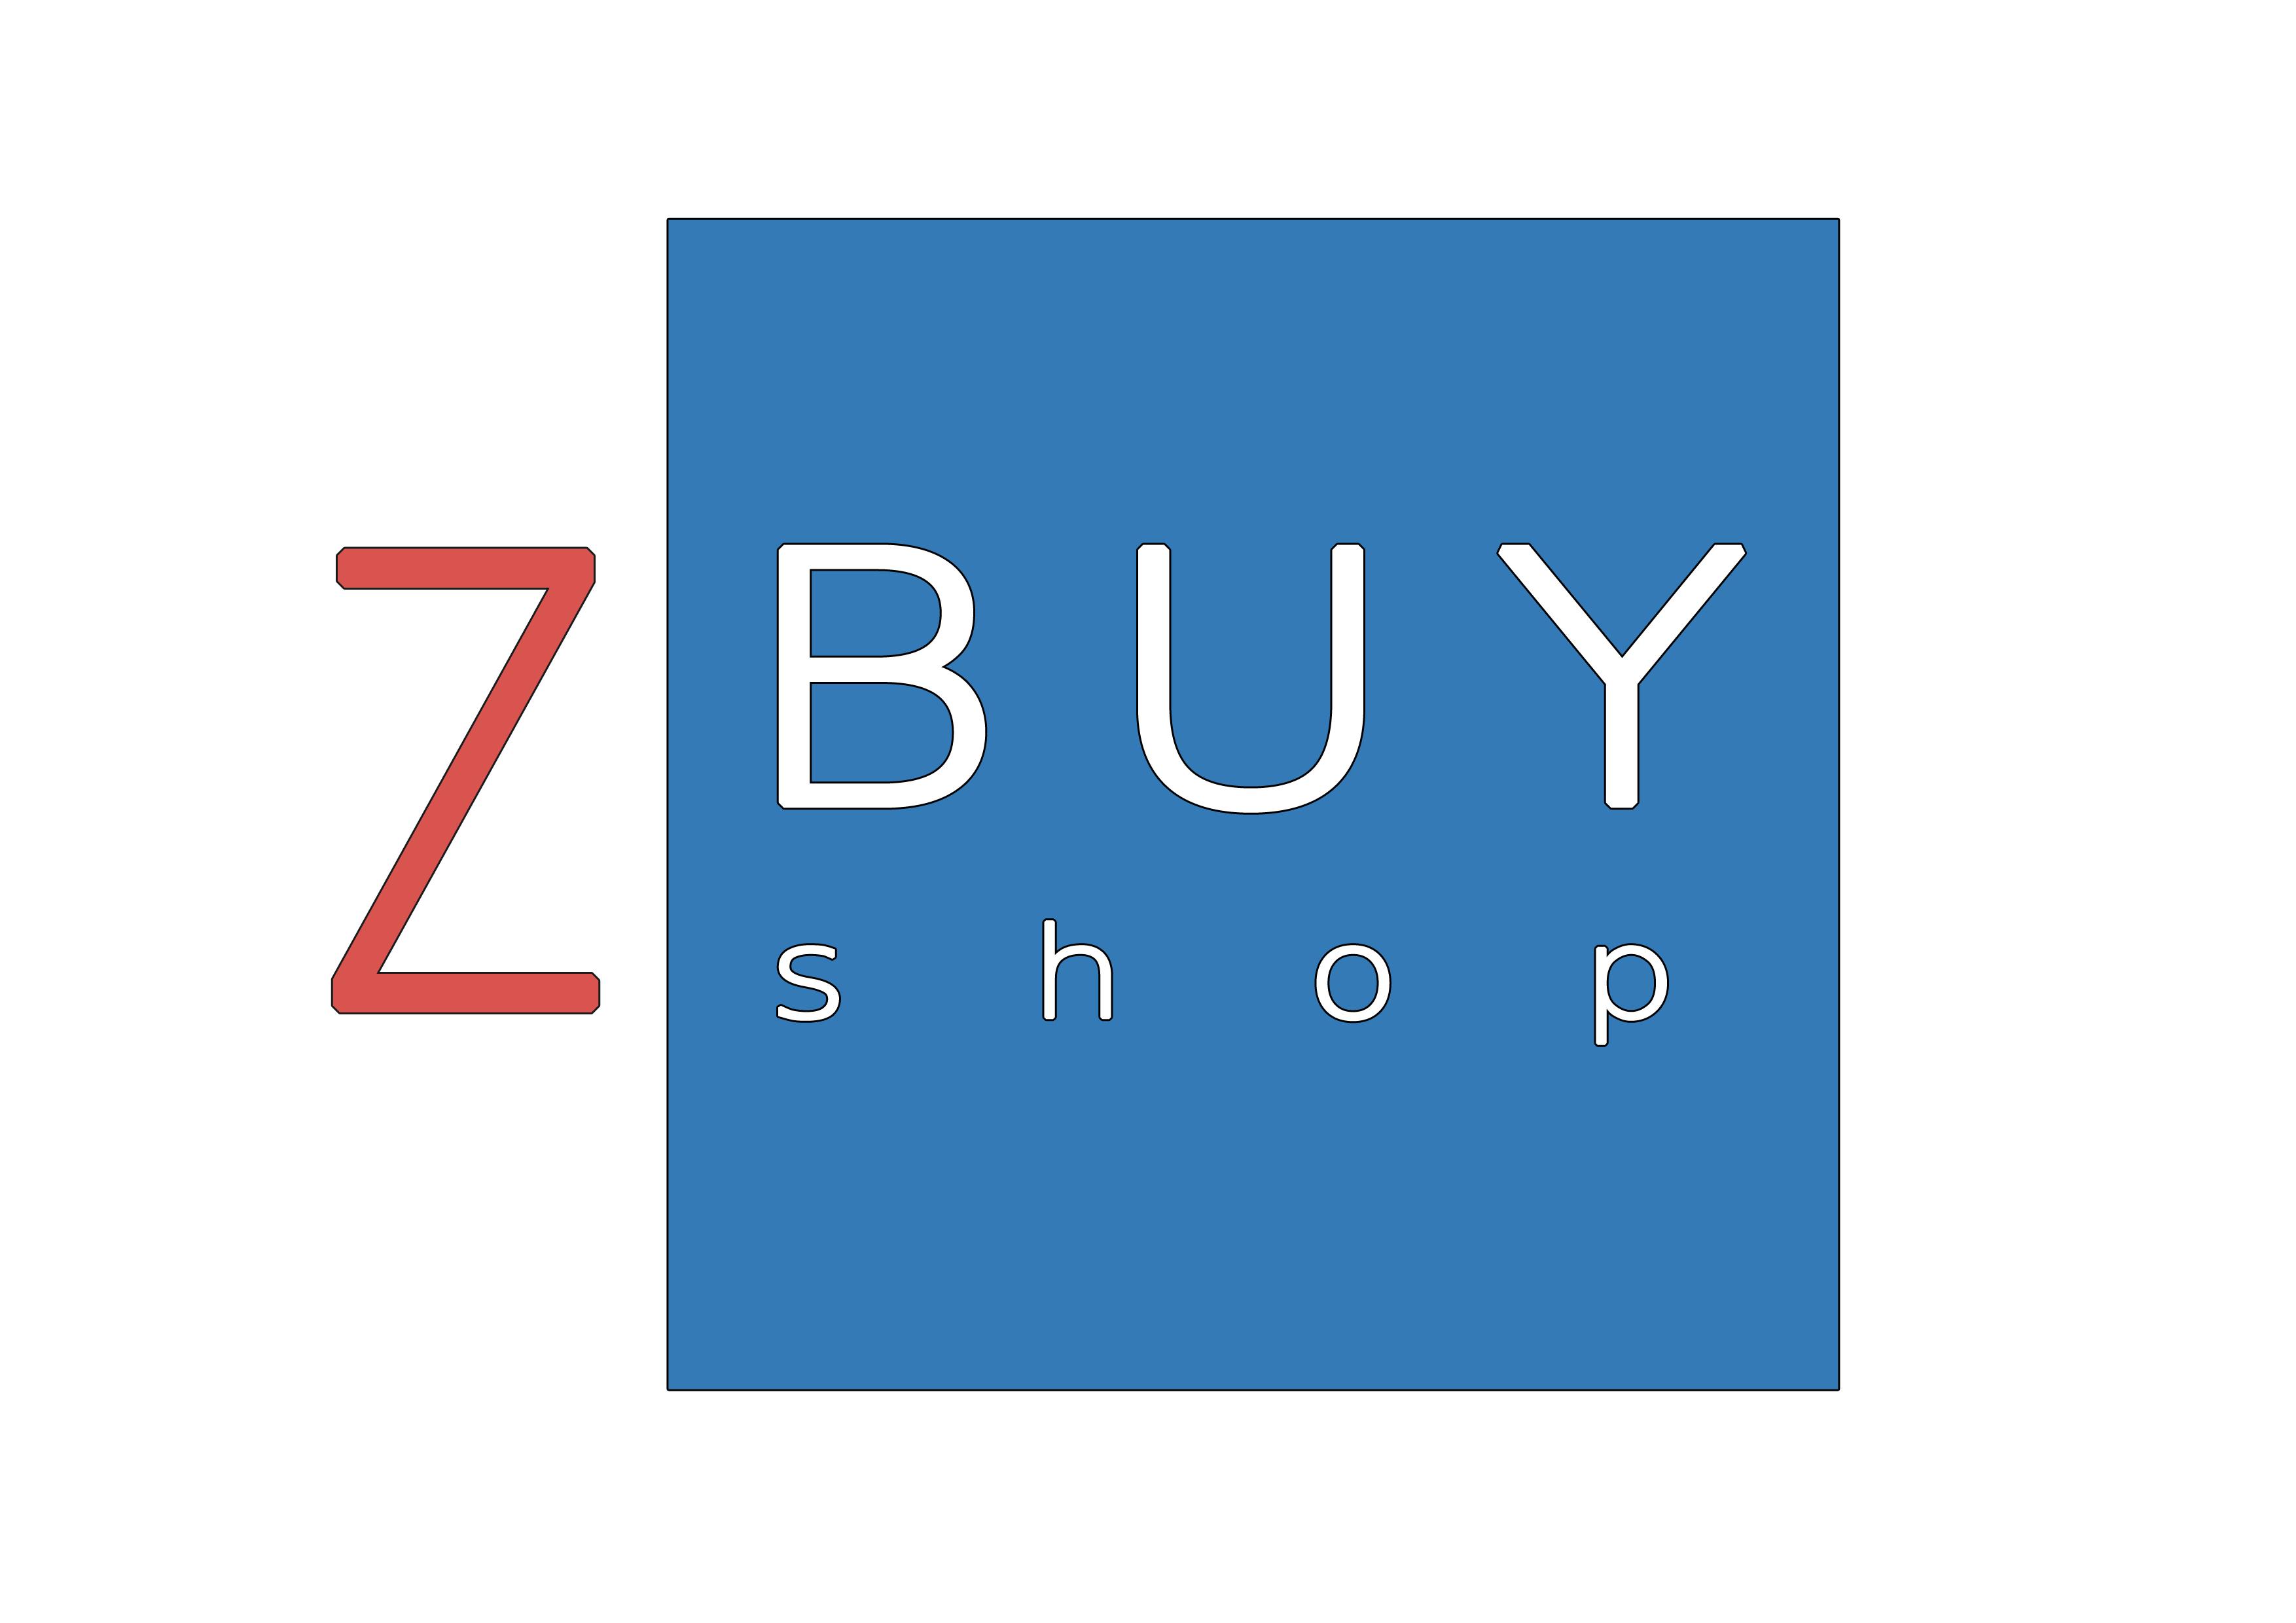 Zbuy Shop